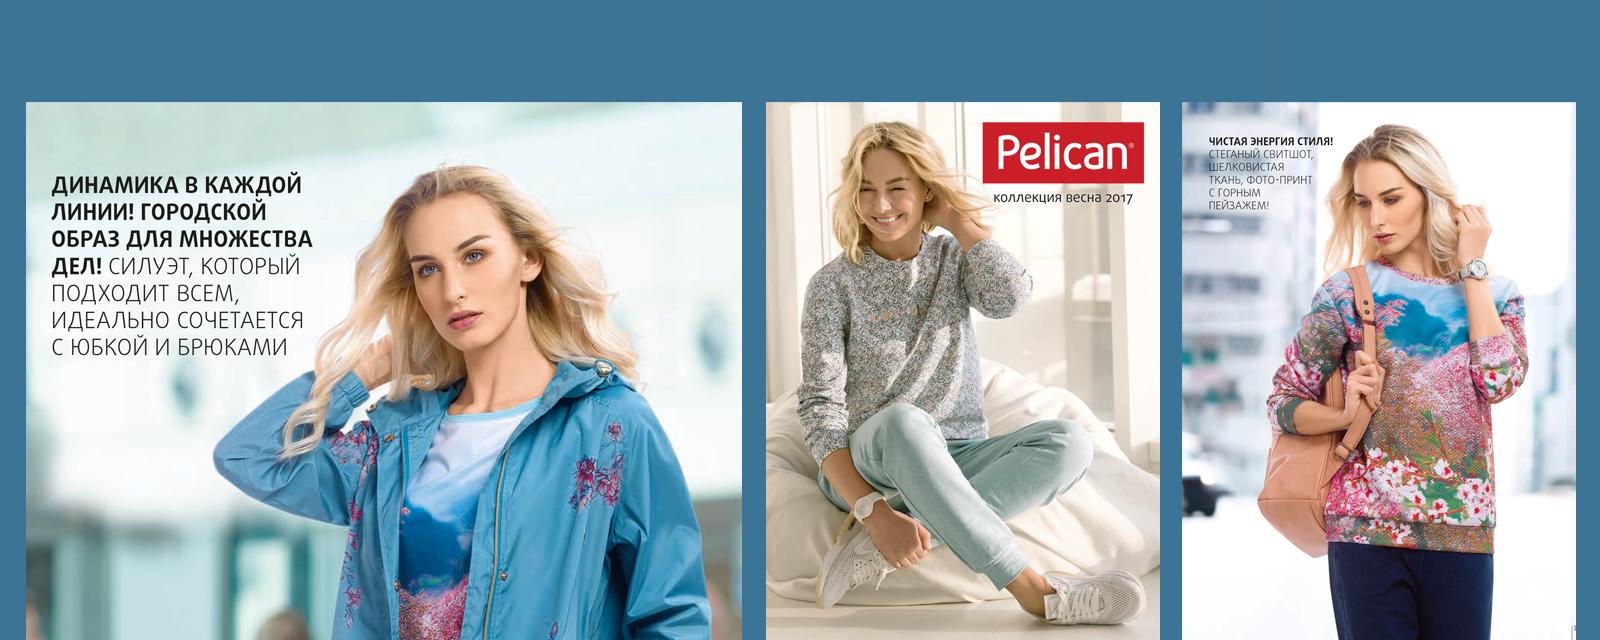 Пеликан весна 2017 женская одежда